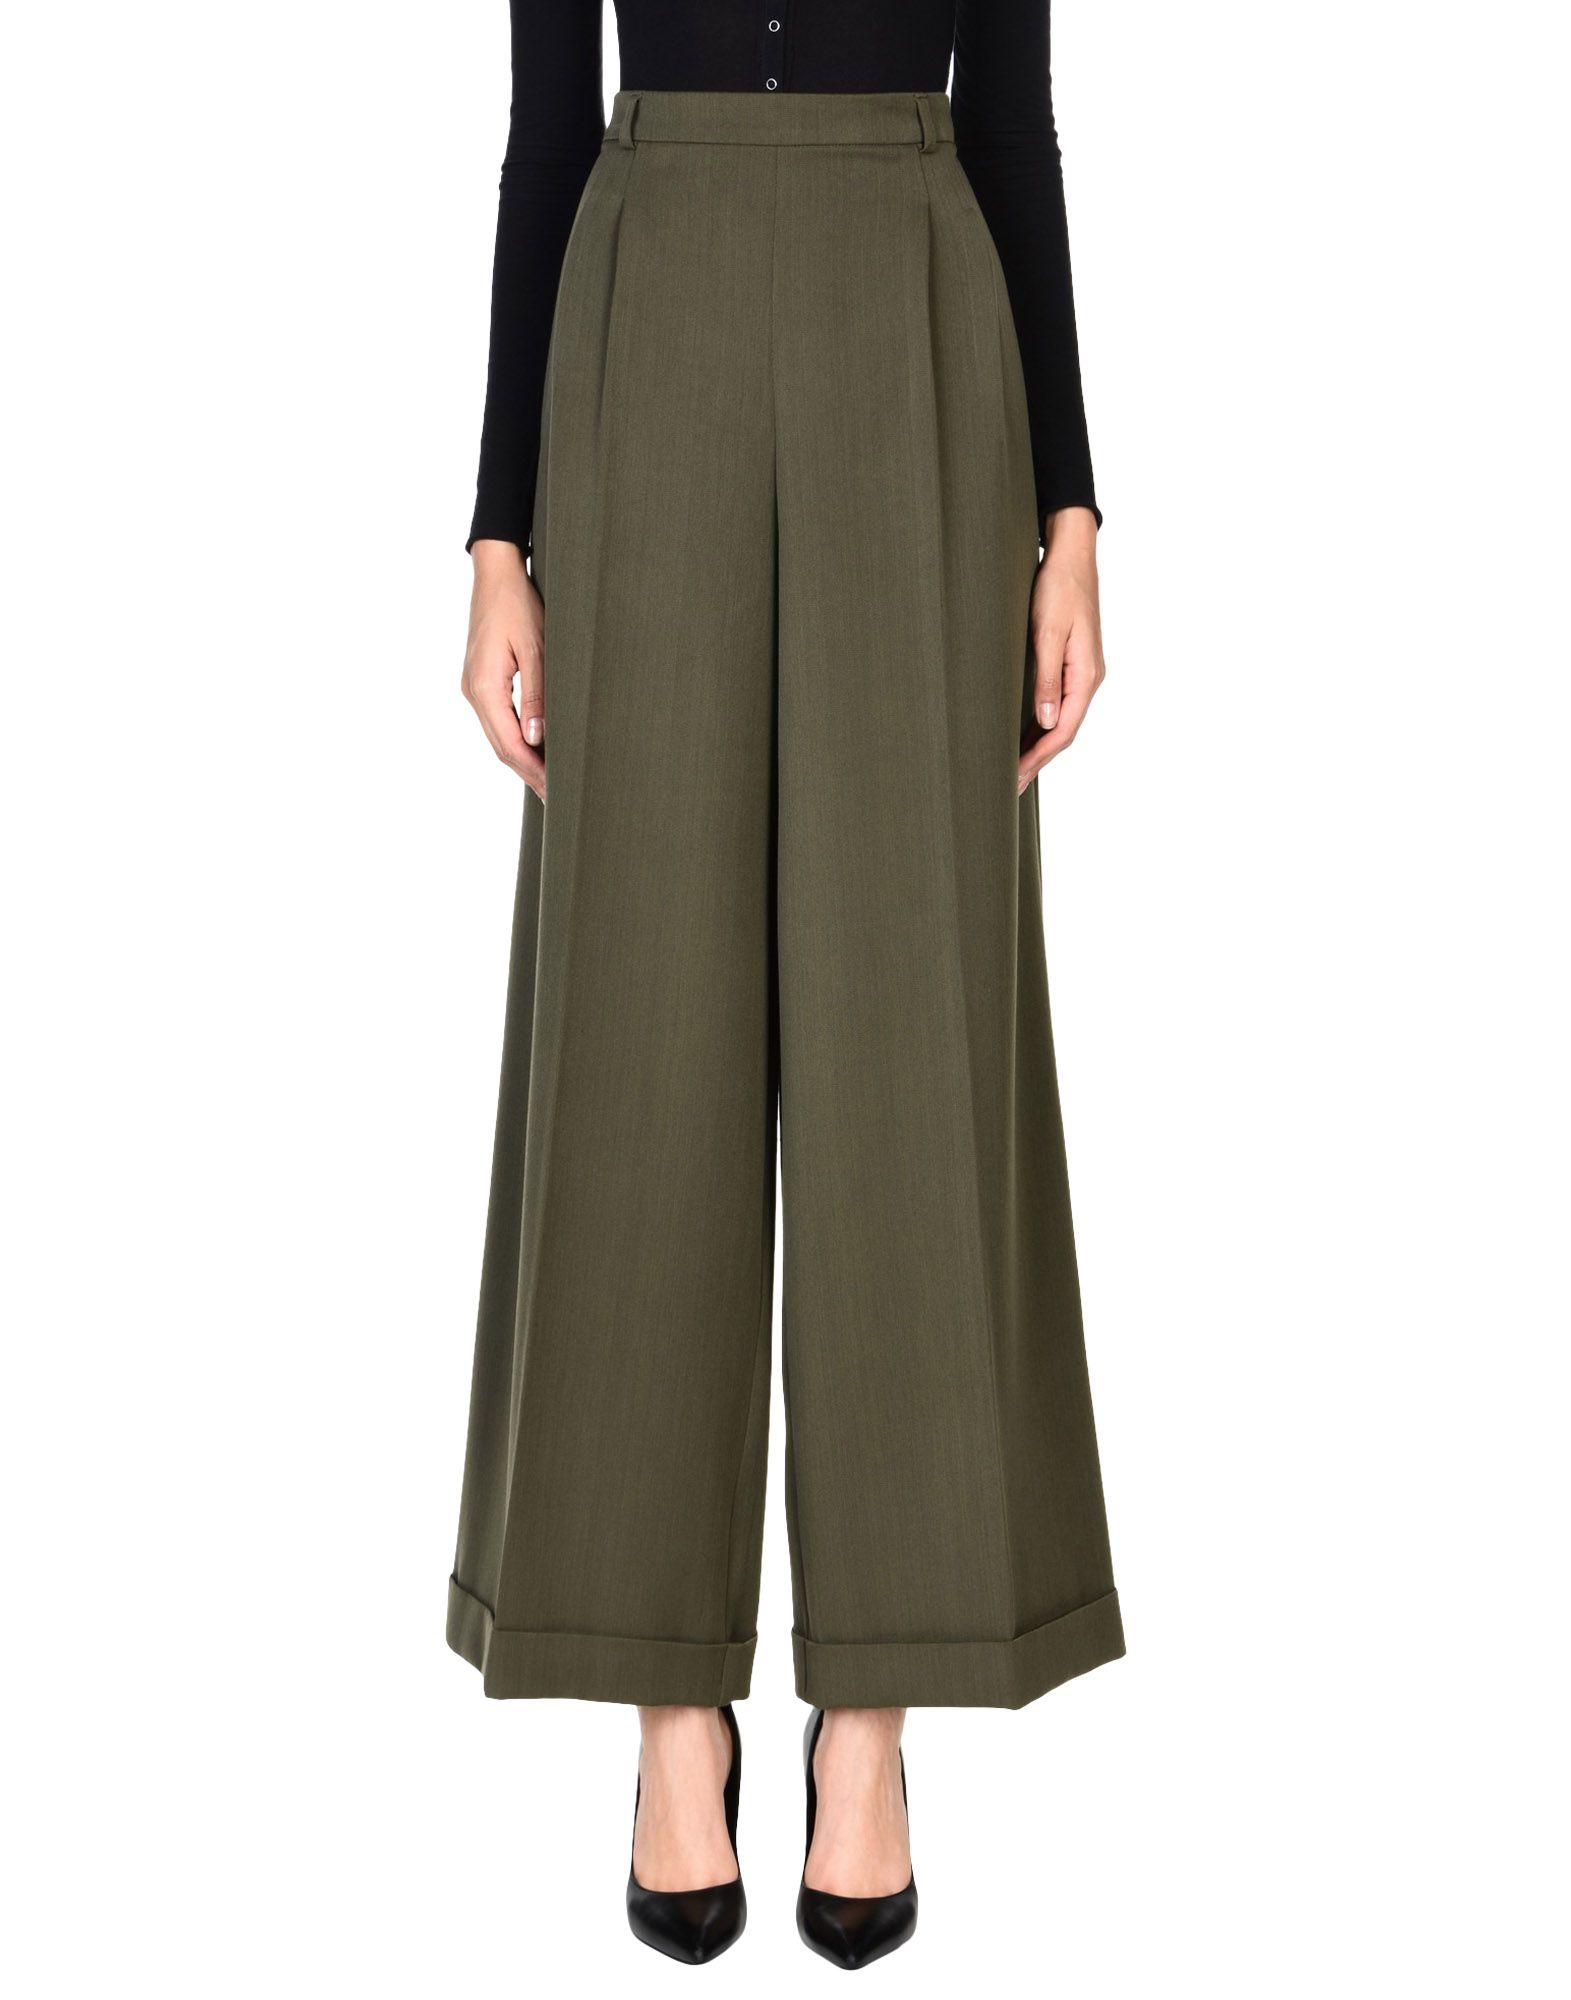 OUVERT DIMANCHE Повседневные брюки брюки широкие из саржи стрейч